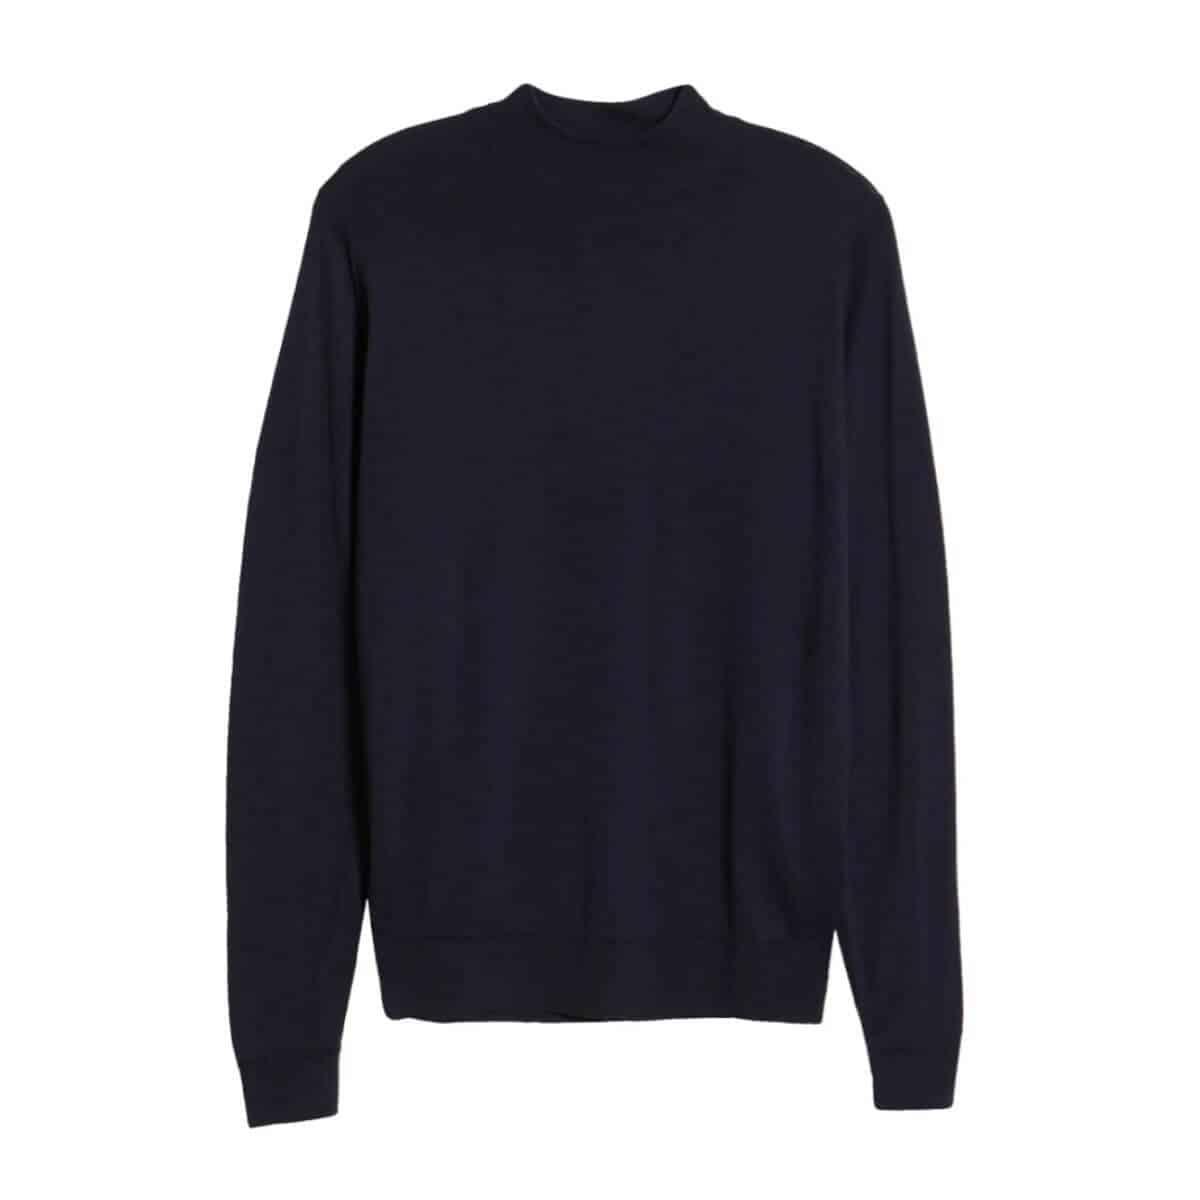 Navy blue wool mock neck sweater.